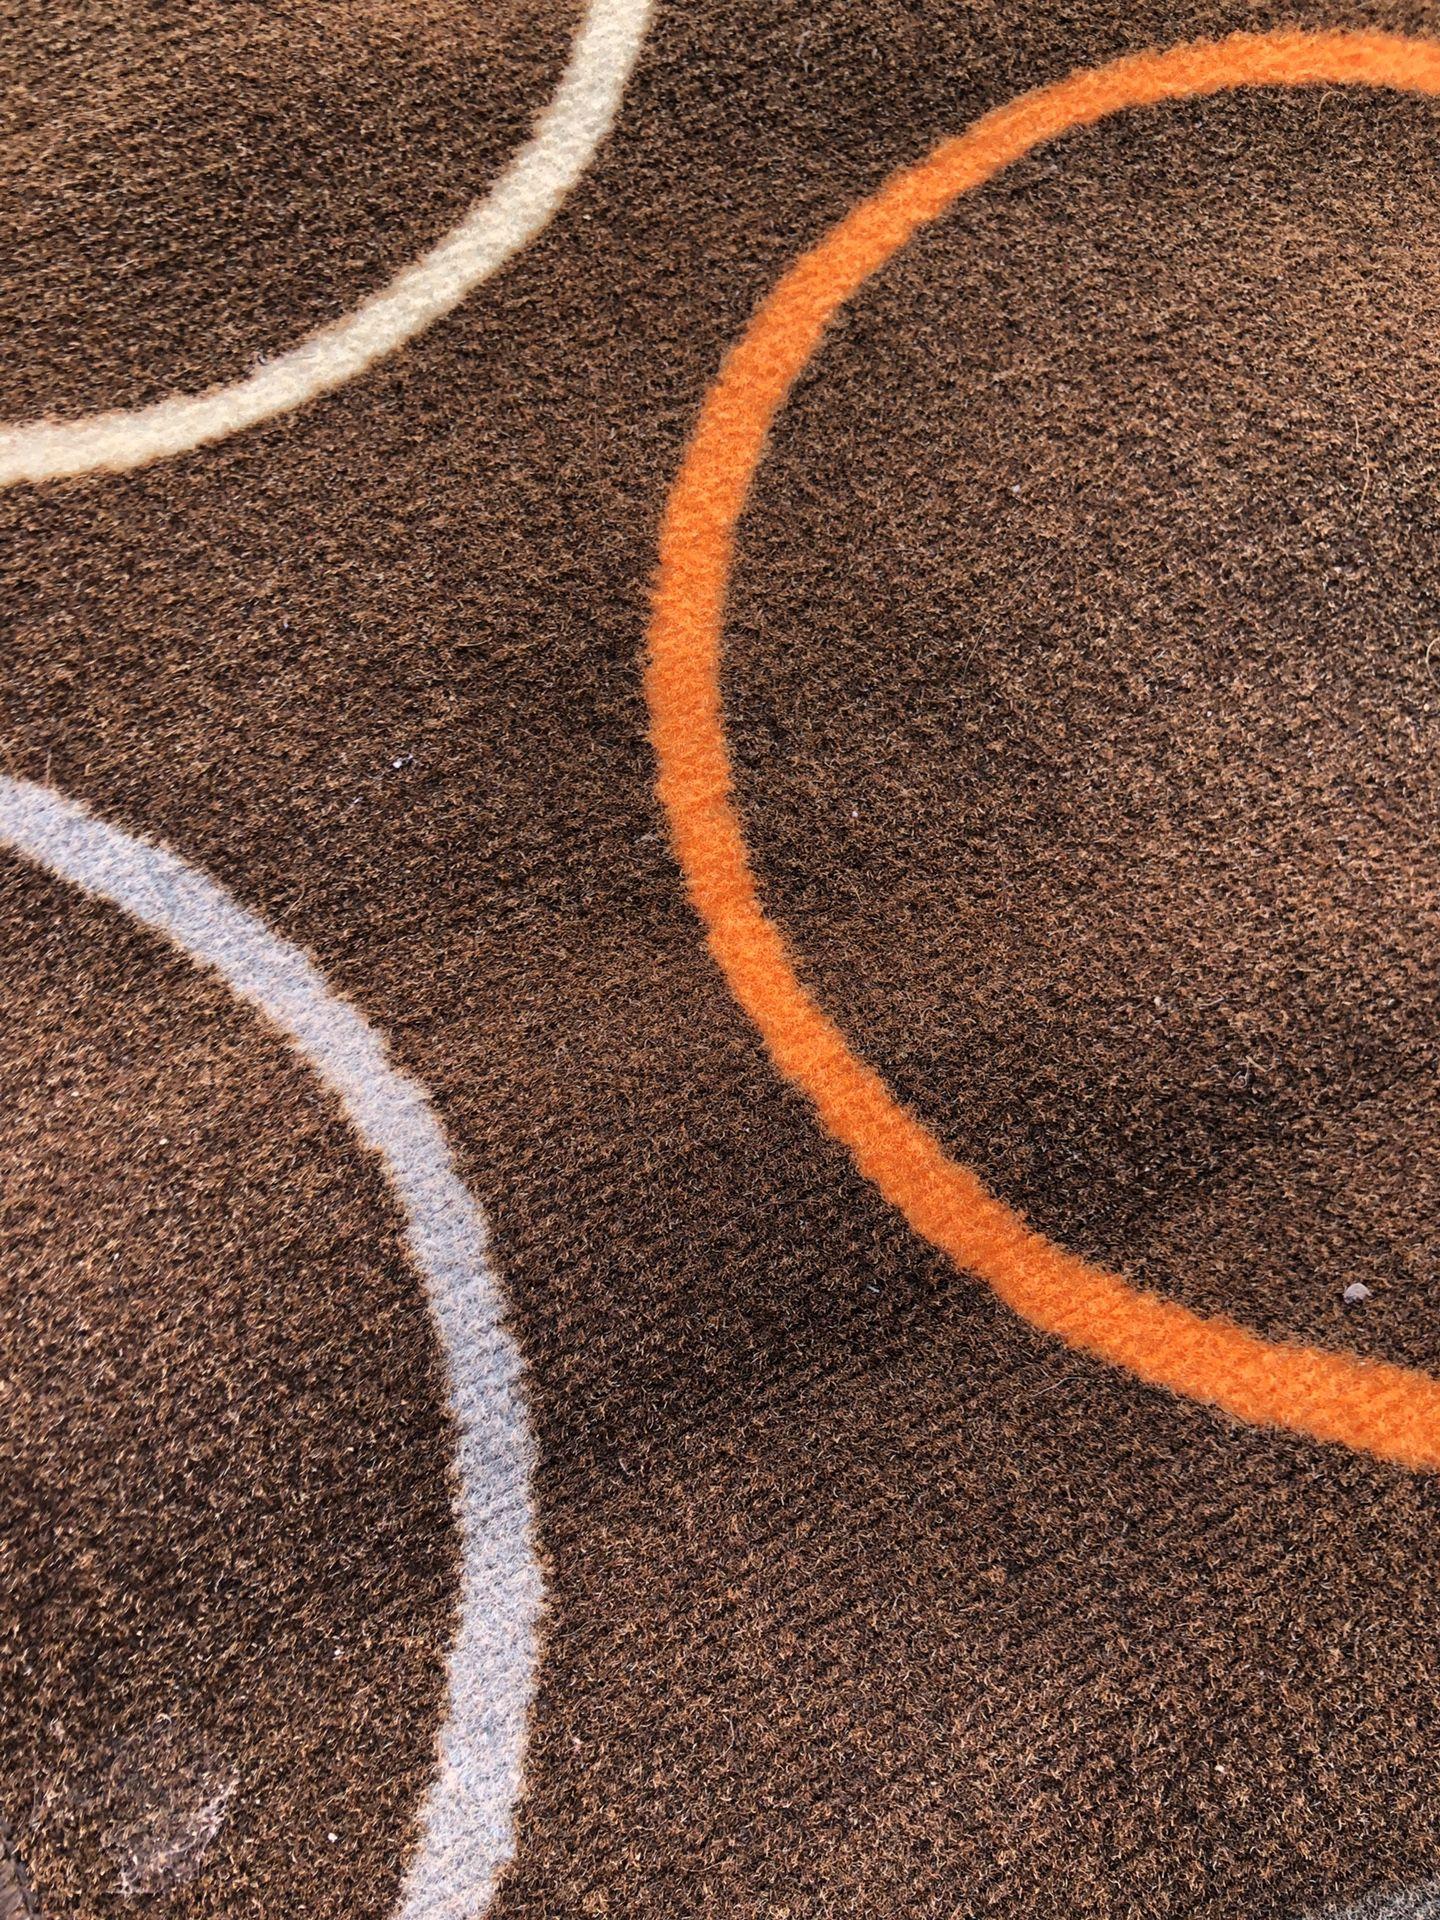 """82"""" x 52"""" Area Rug - Modern Circles Earth Tones Brown Orange Tan Grey"""